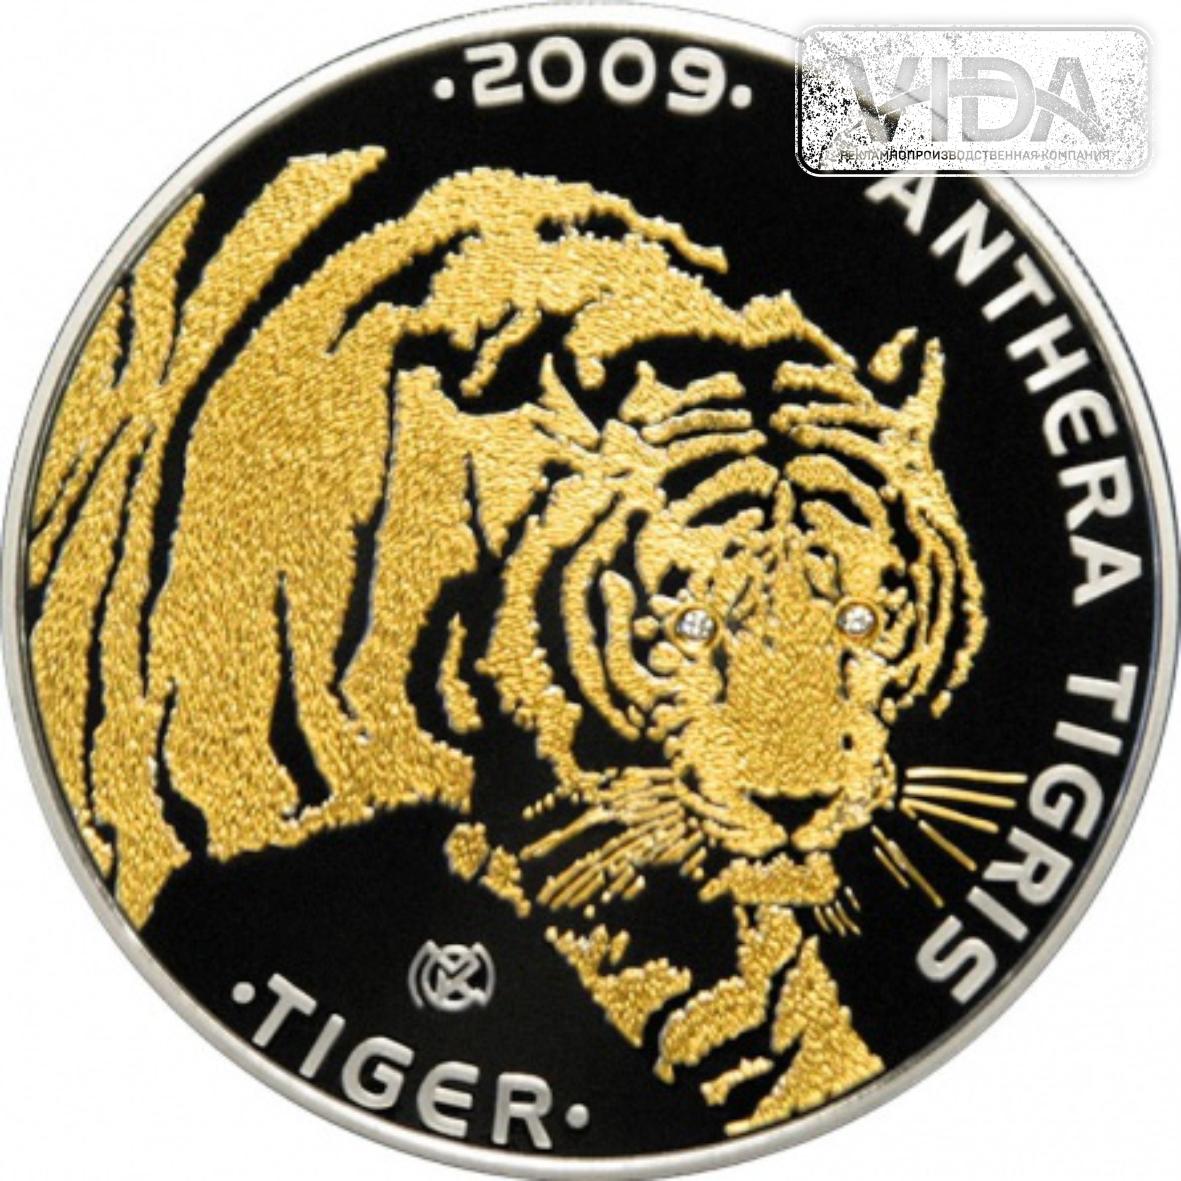 Тигр с бриллиантами - 100 тенге (Серебро / Позолота)